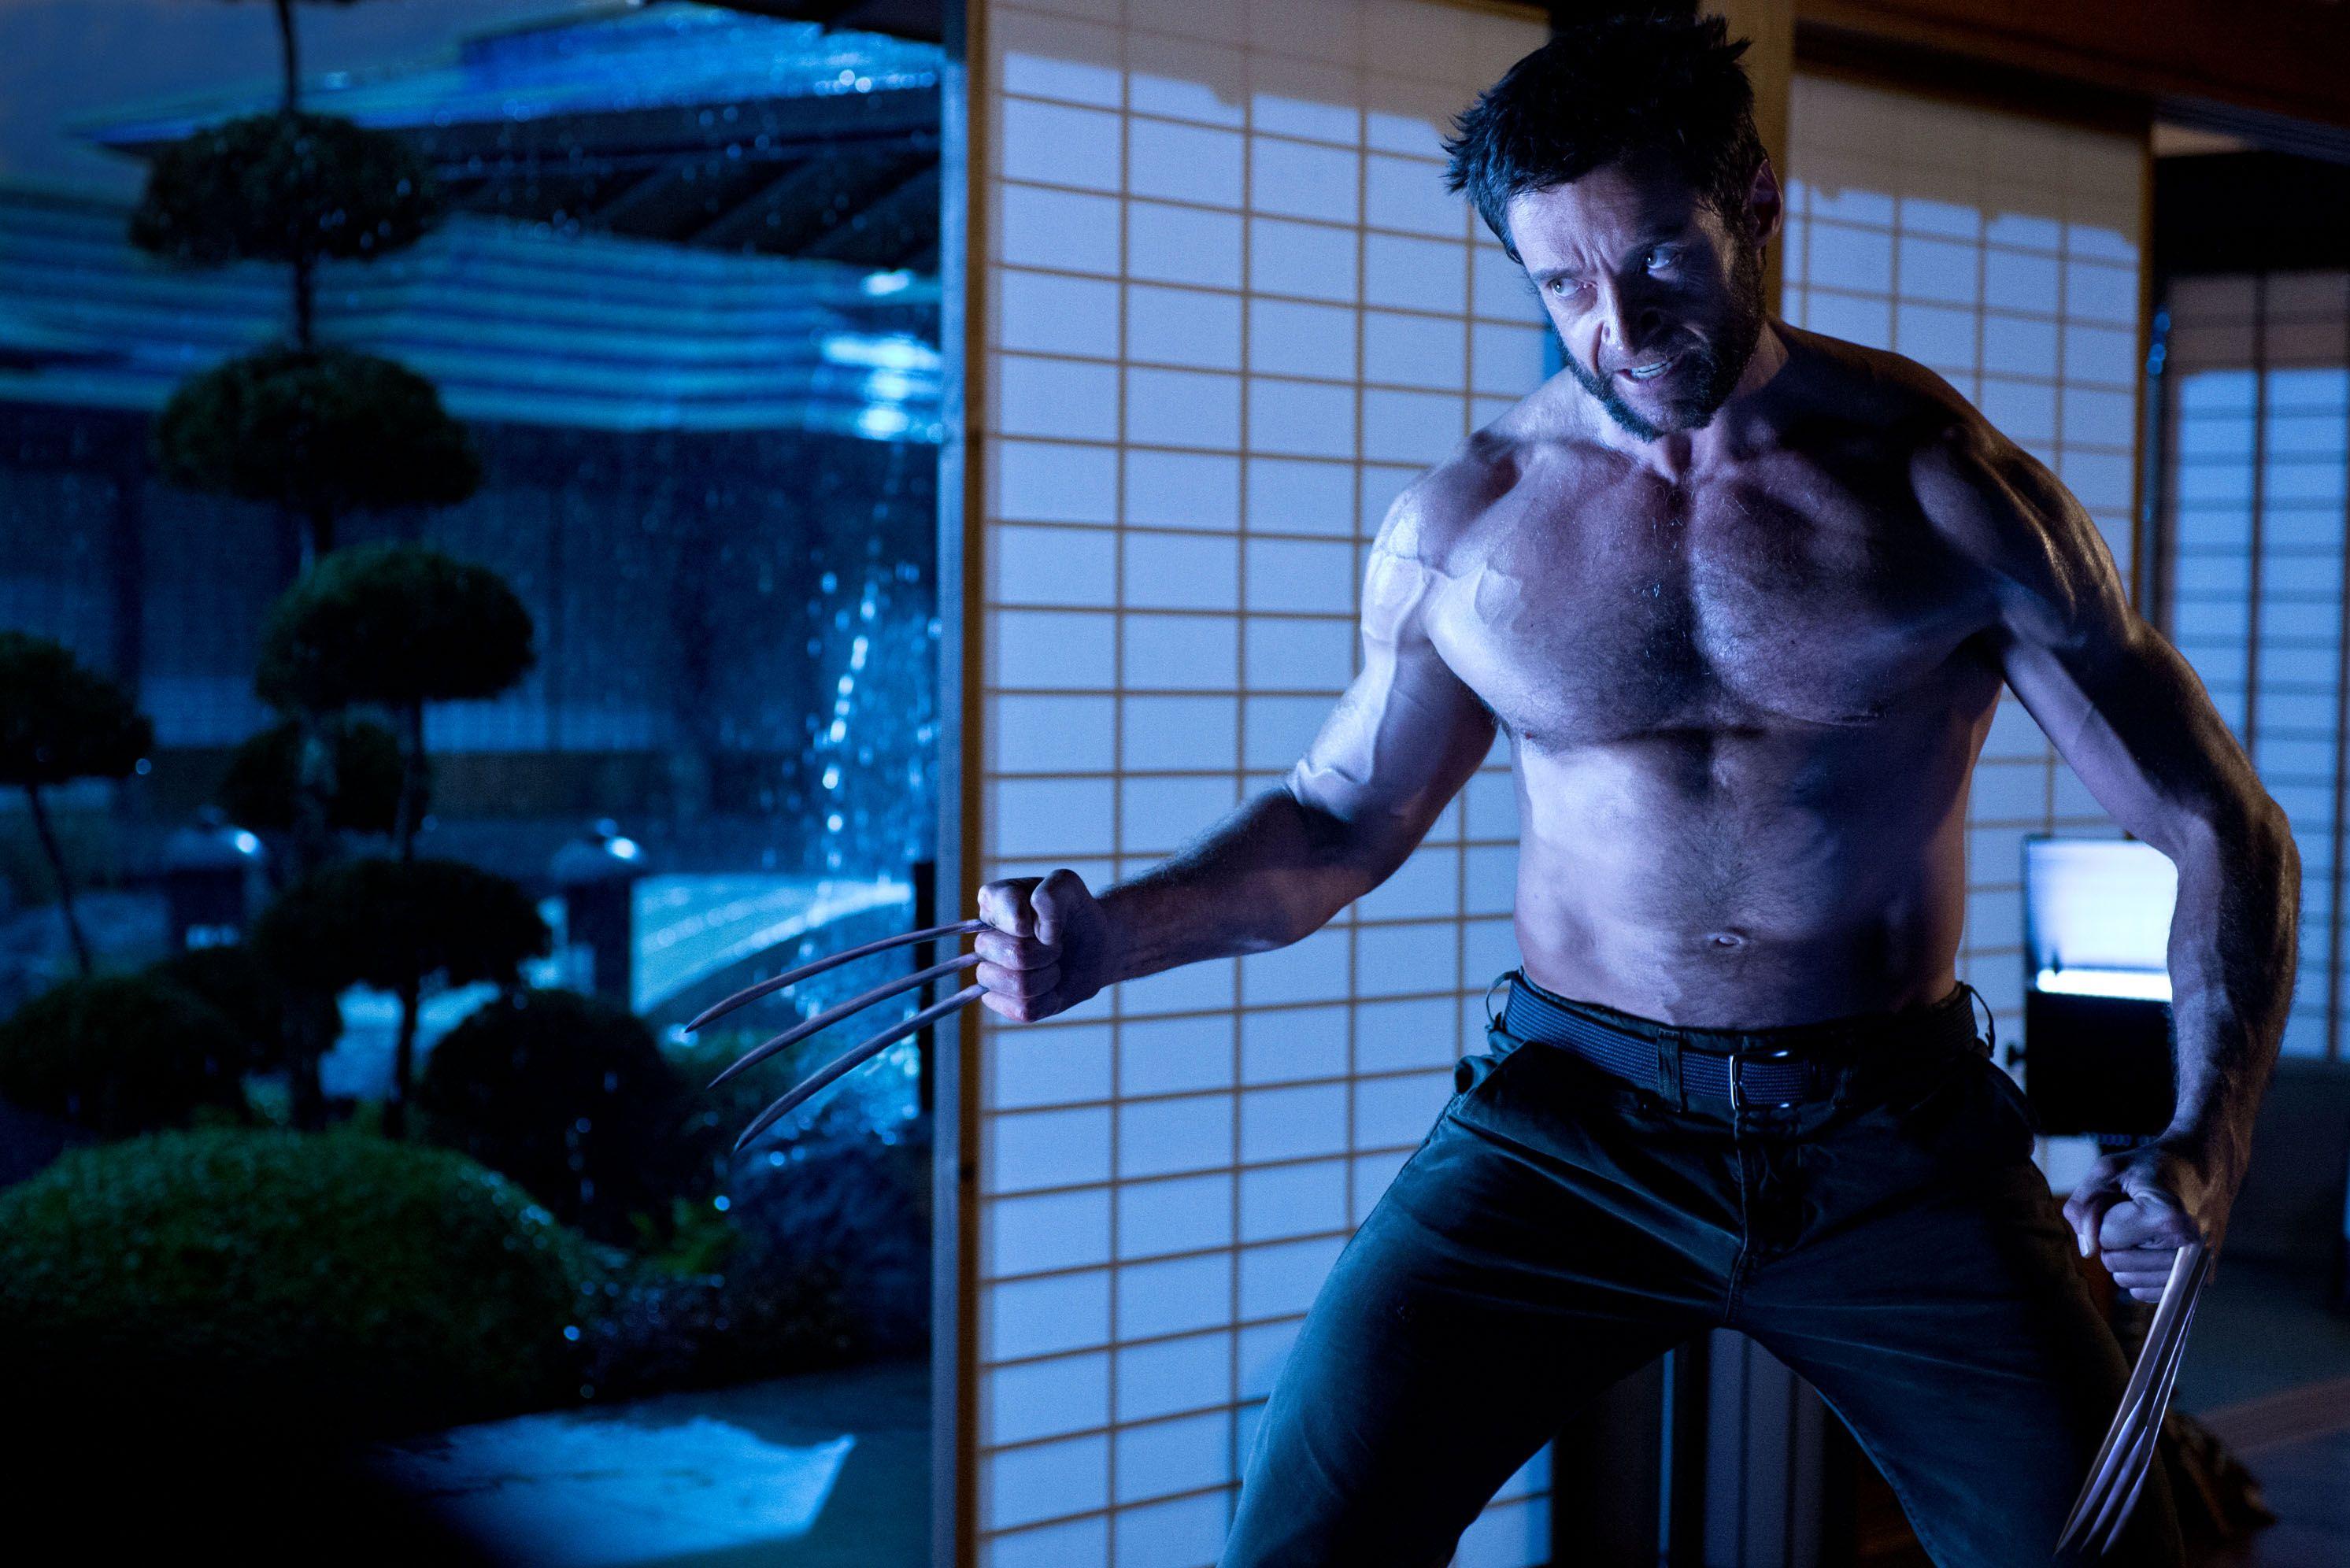 X Men Origins Wolverine The Wolverine Hugh Jackman Image